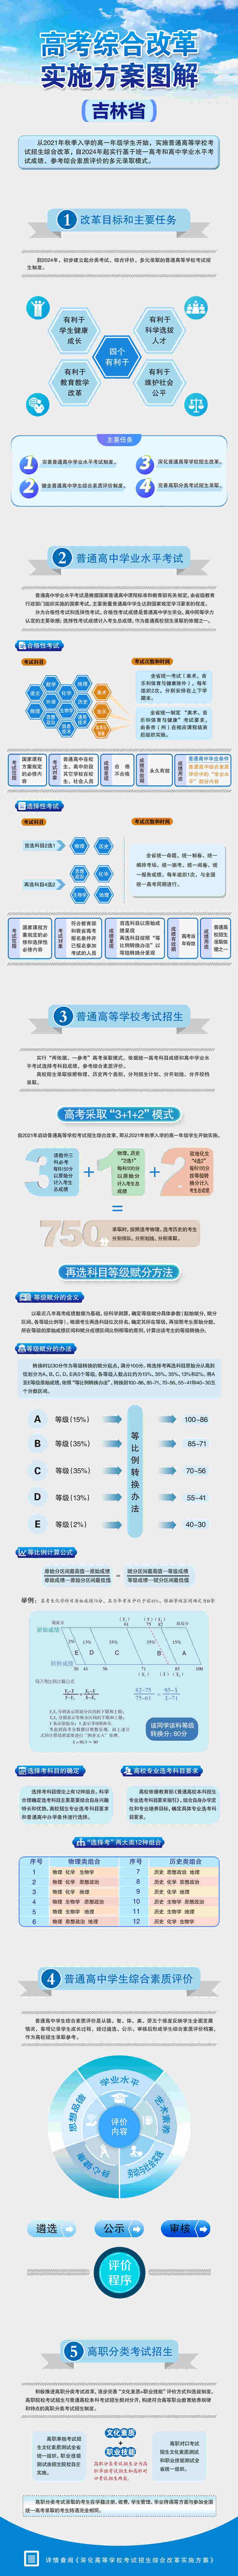 吉林:高考综合改革实施方案图解